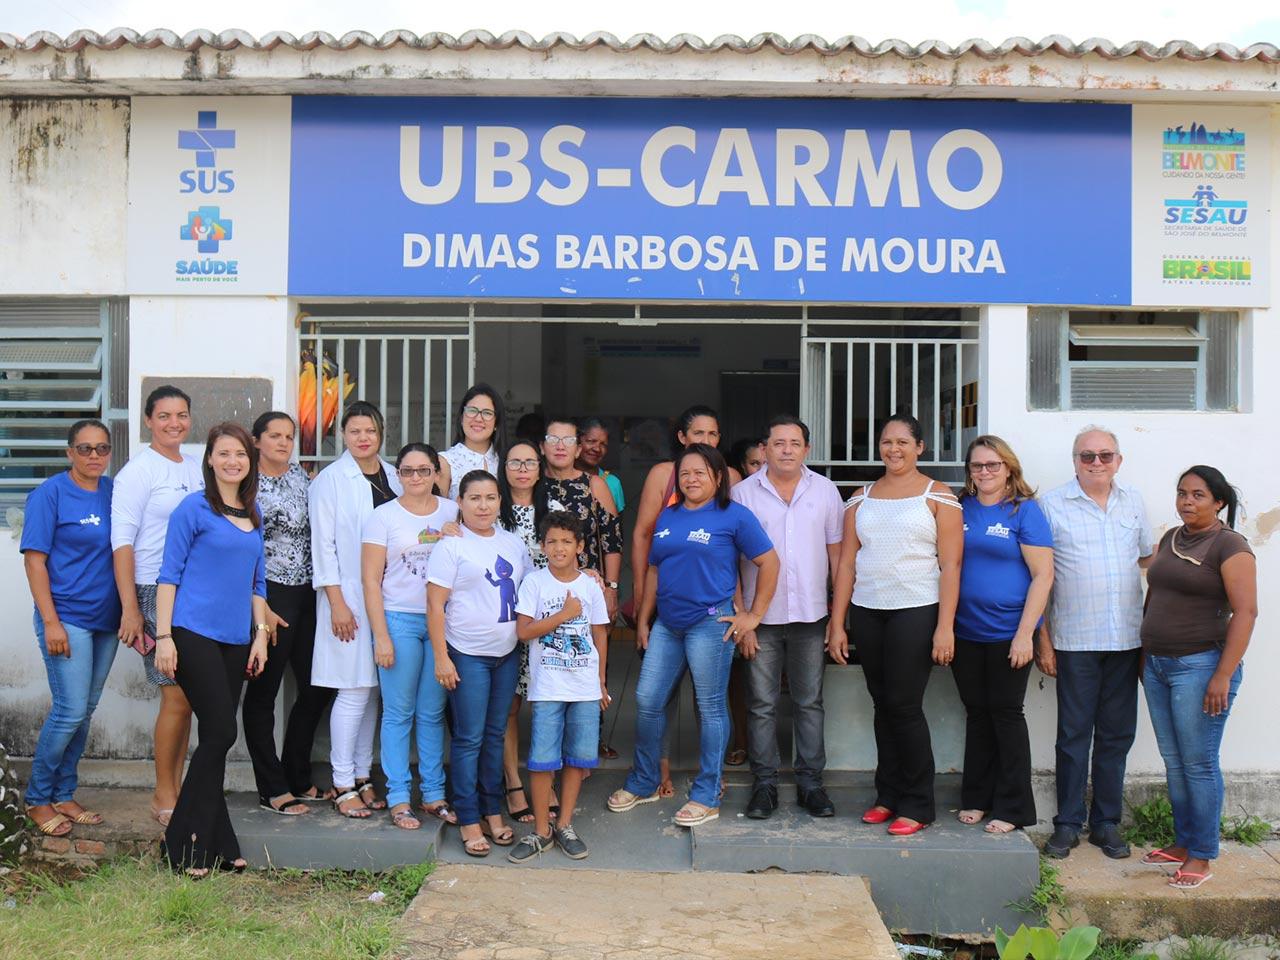 Distrito do Carmo realiza a Semana da Saúde